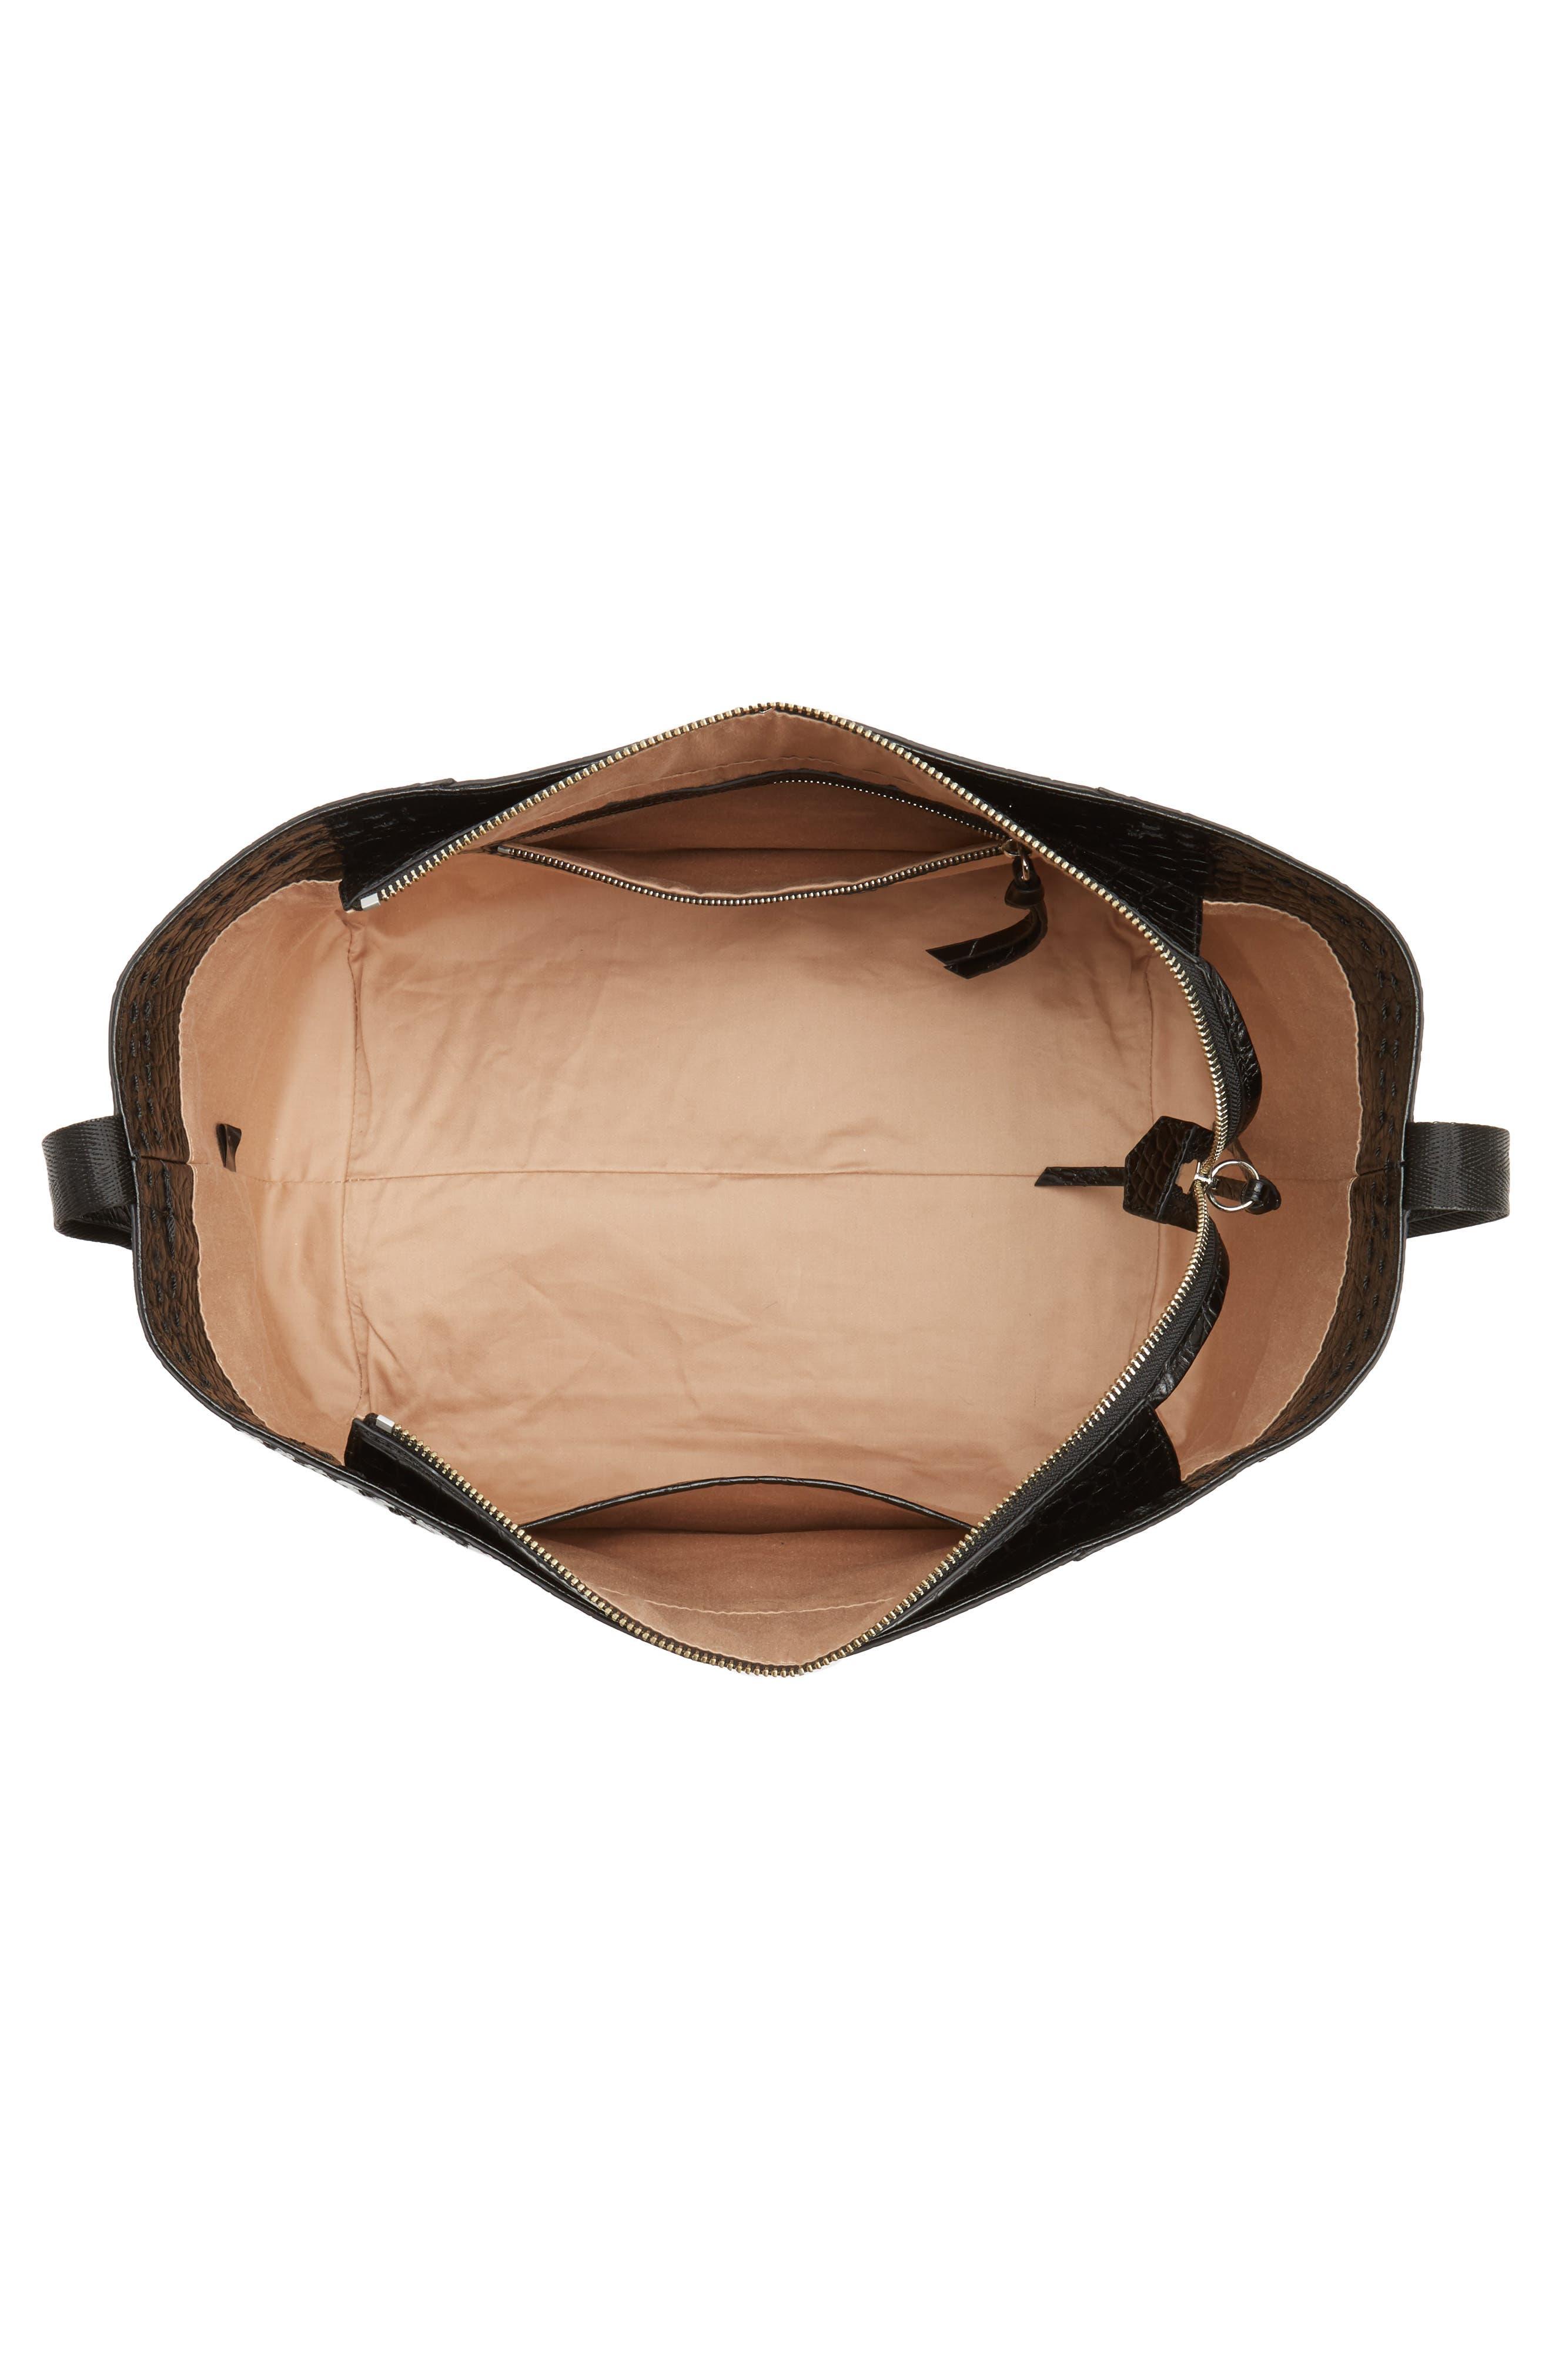 Alternate Image 3  - Elizabeth and James Mini Keely Newspaper Croc Embossed Leather Shoulder/Crossbody Bag